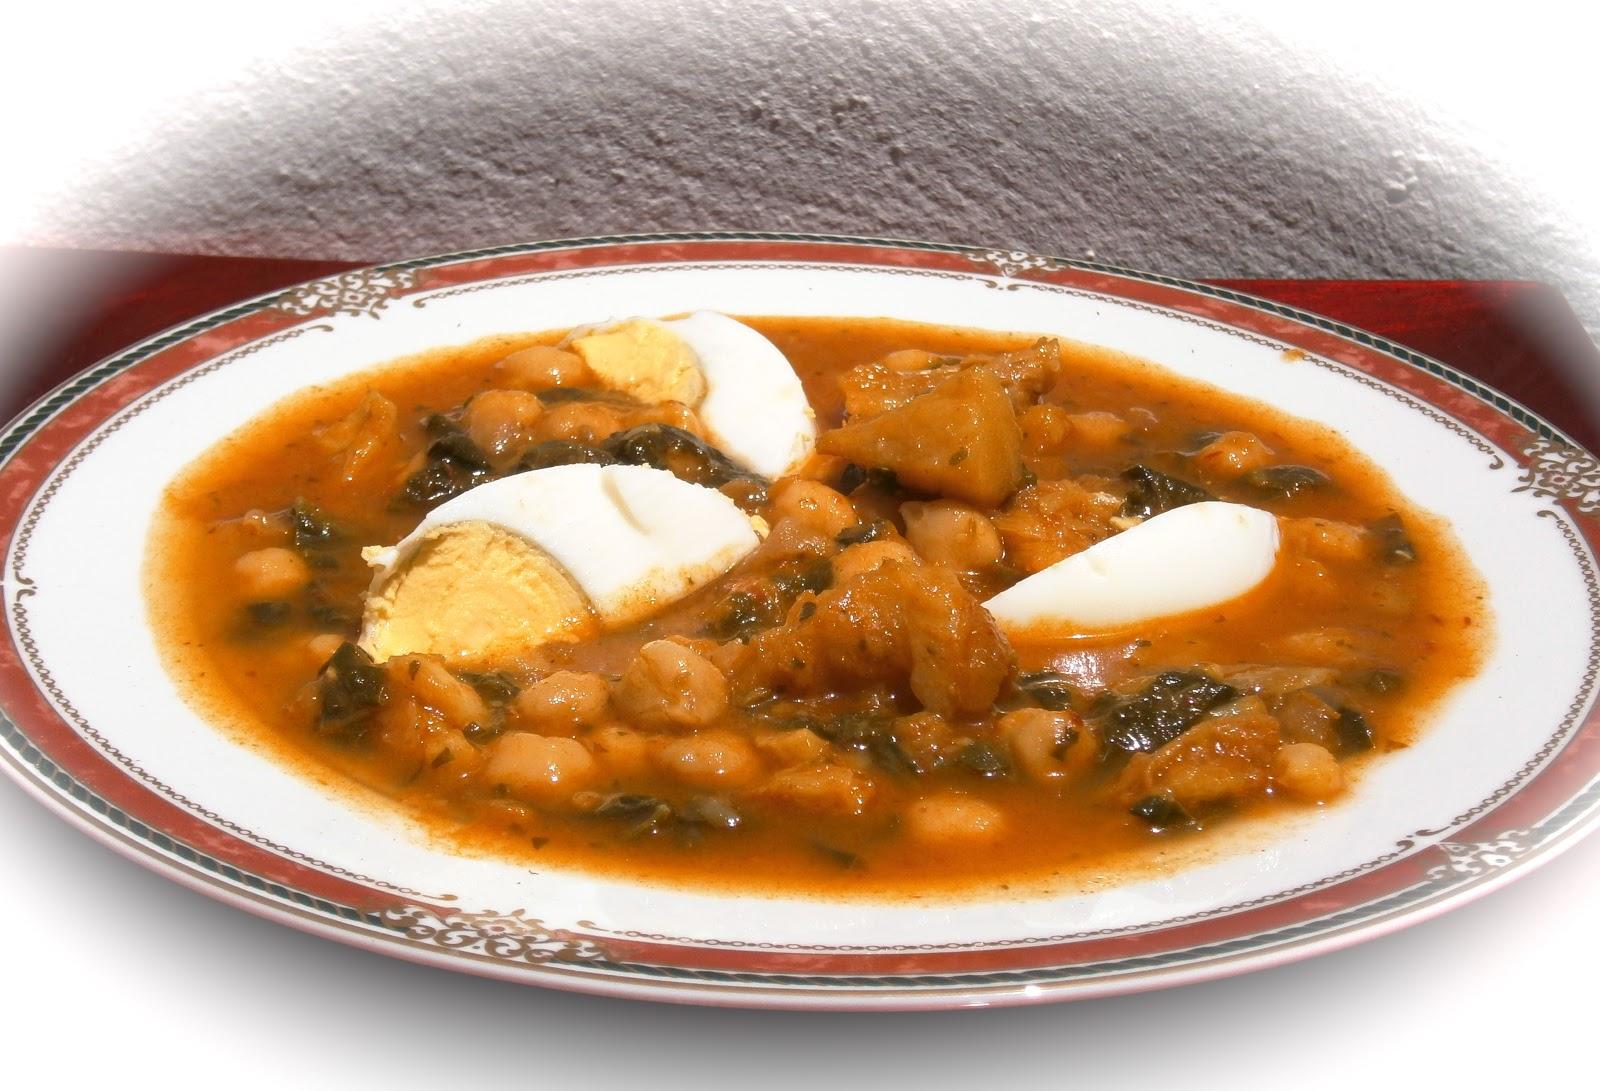 La mesa de la cocina potaje de bacalao garbanzos y espinacas - Garbanzos espinacas bacalao ...